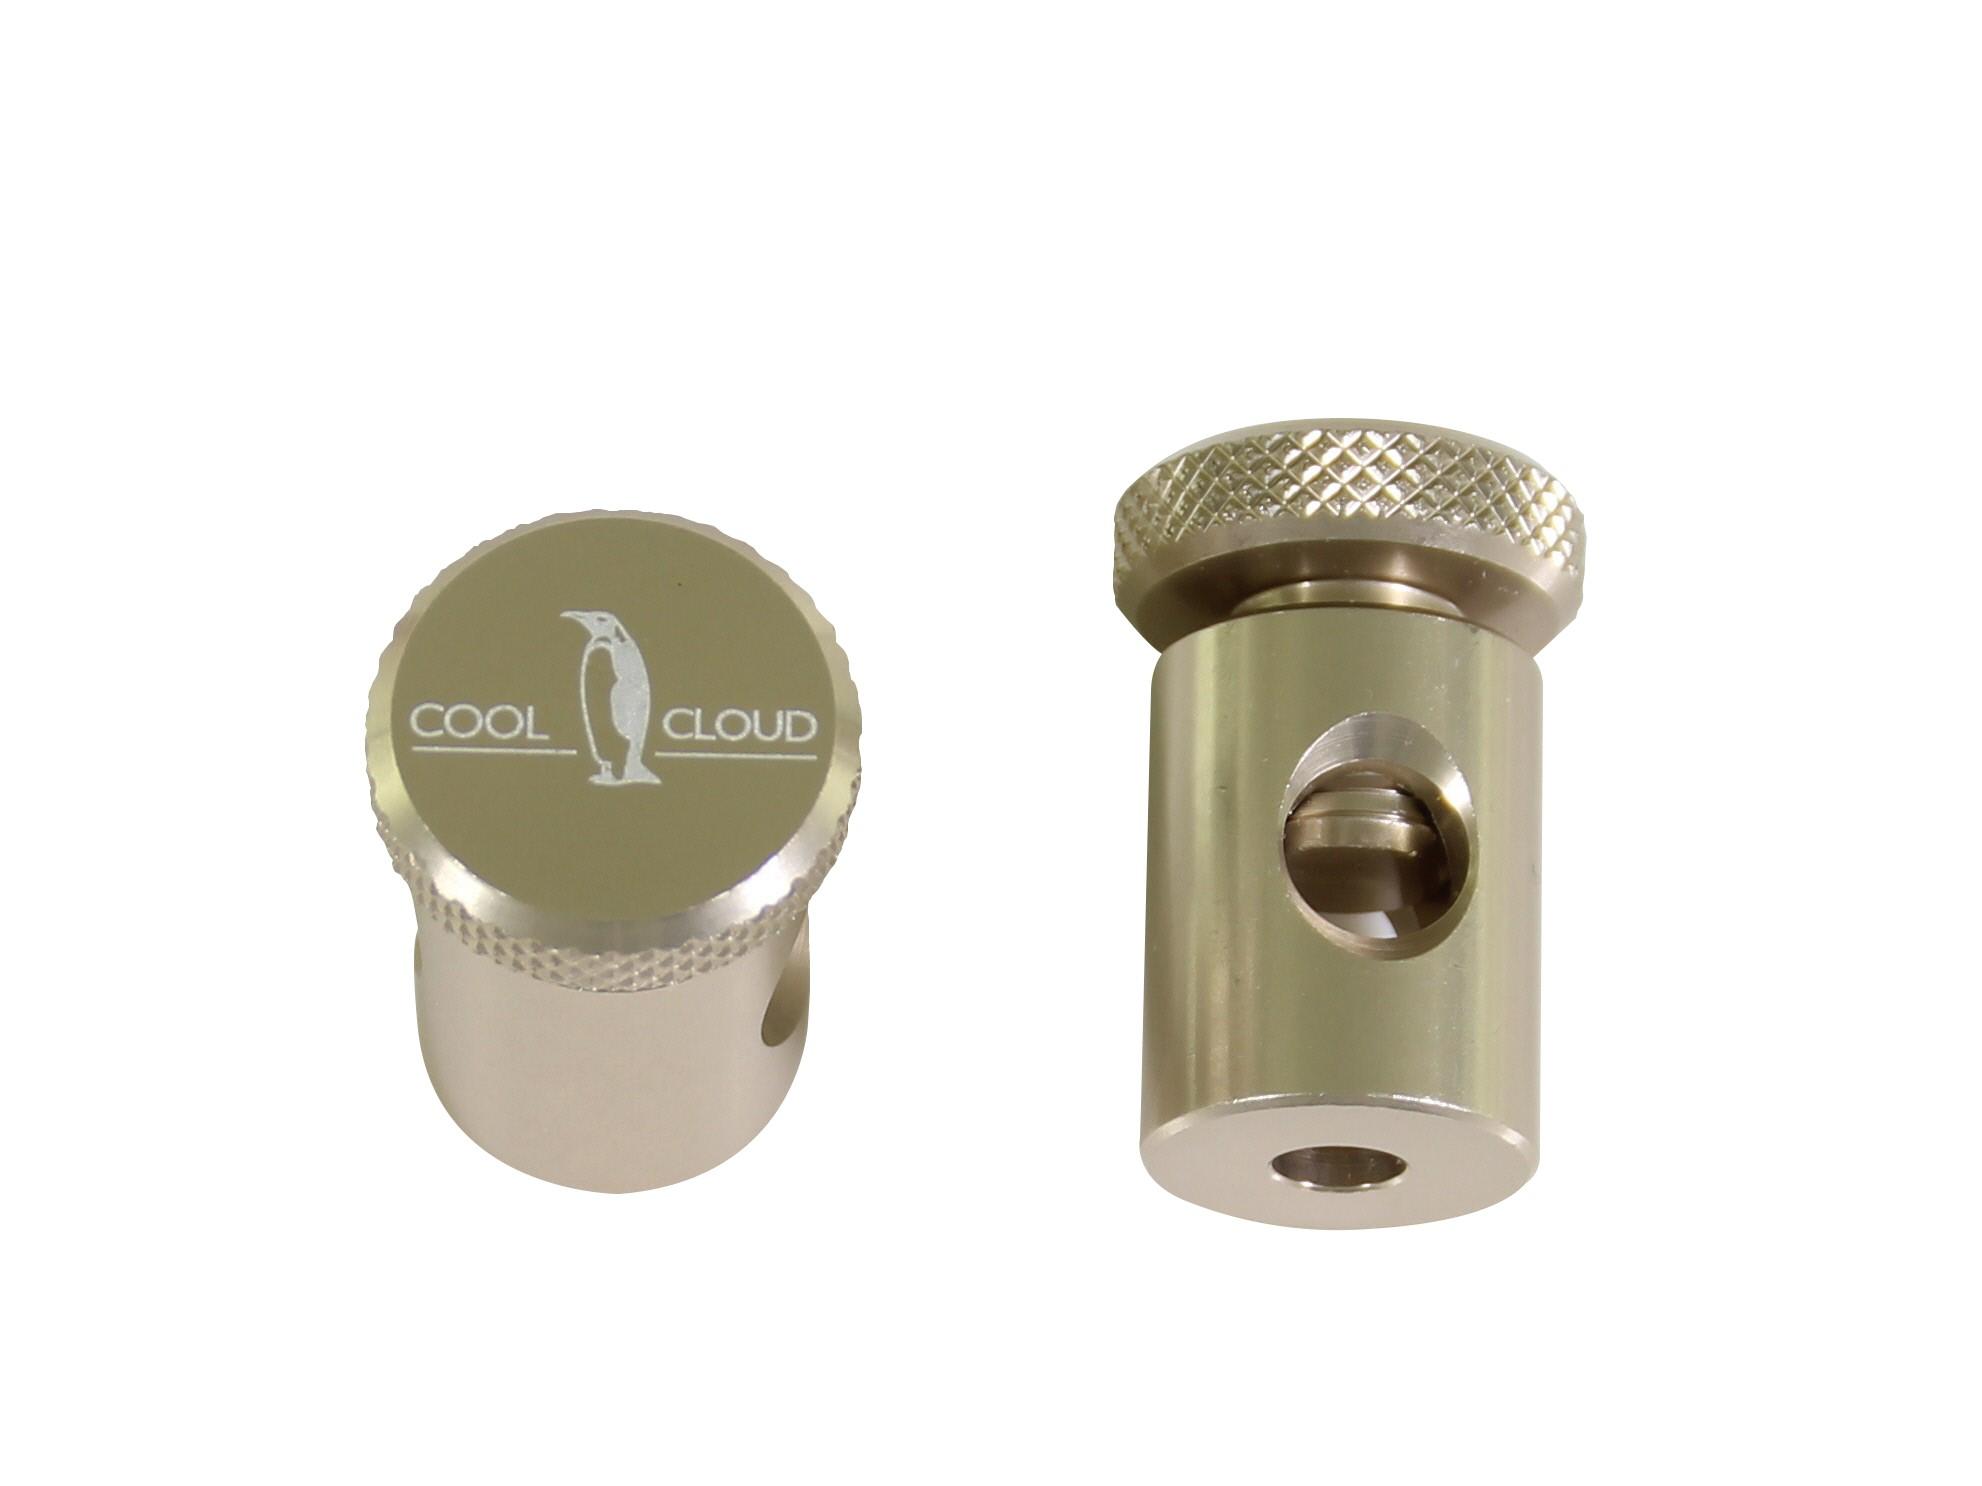 Zylinder Befestigungsschelle Mit Rändelschrauben, Titanium